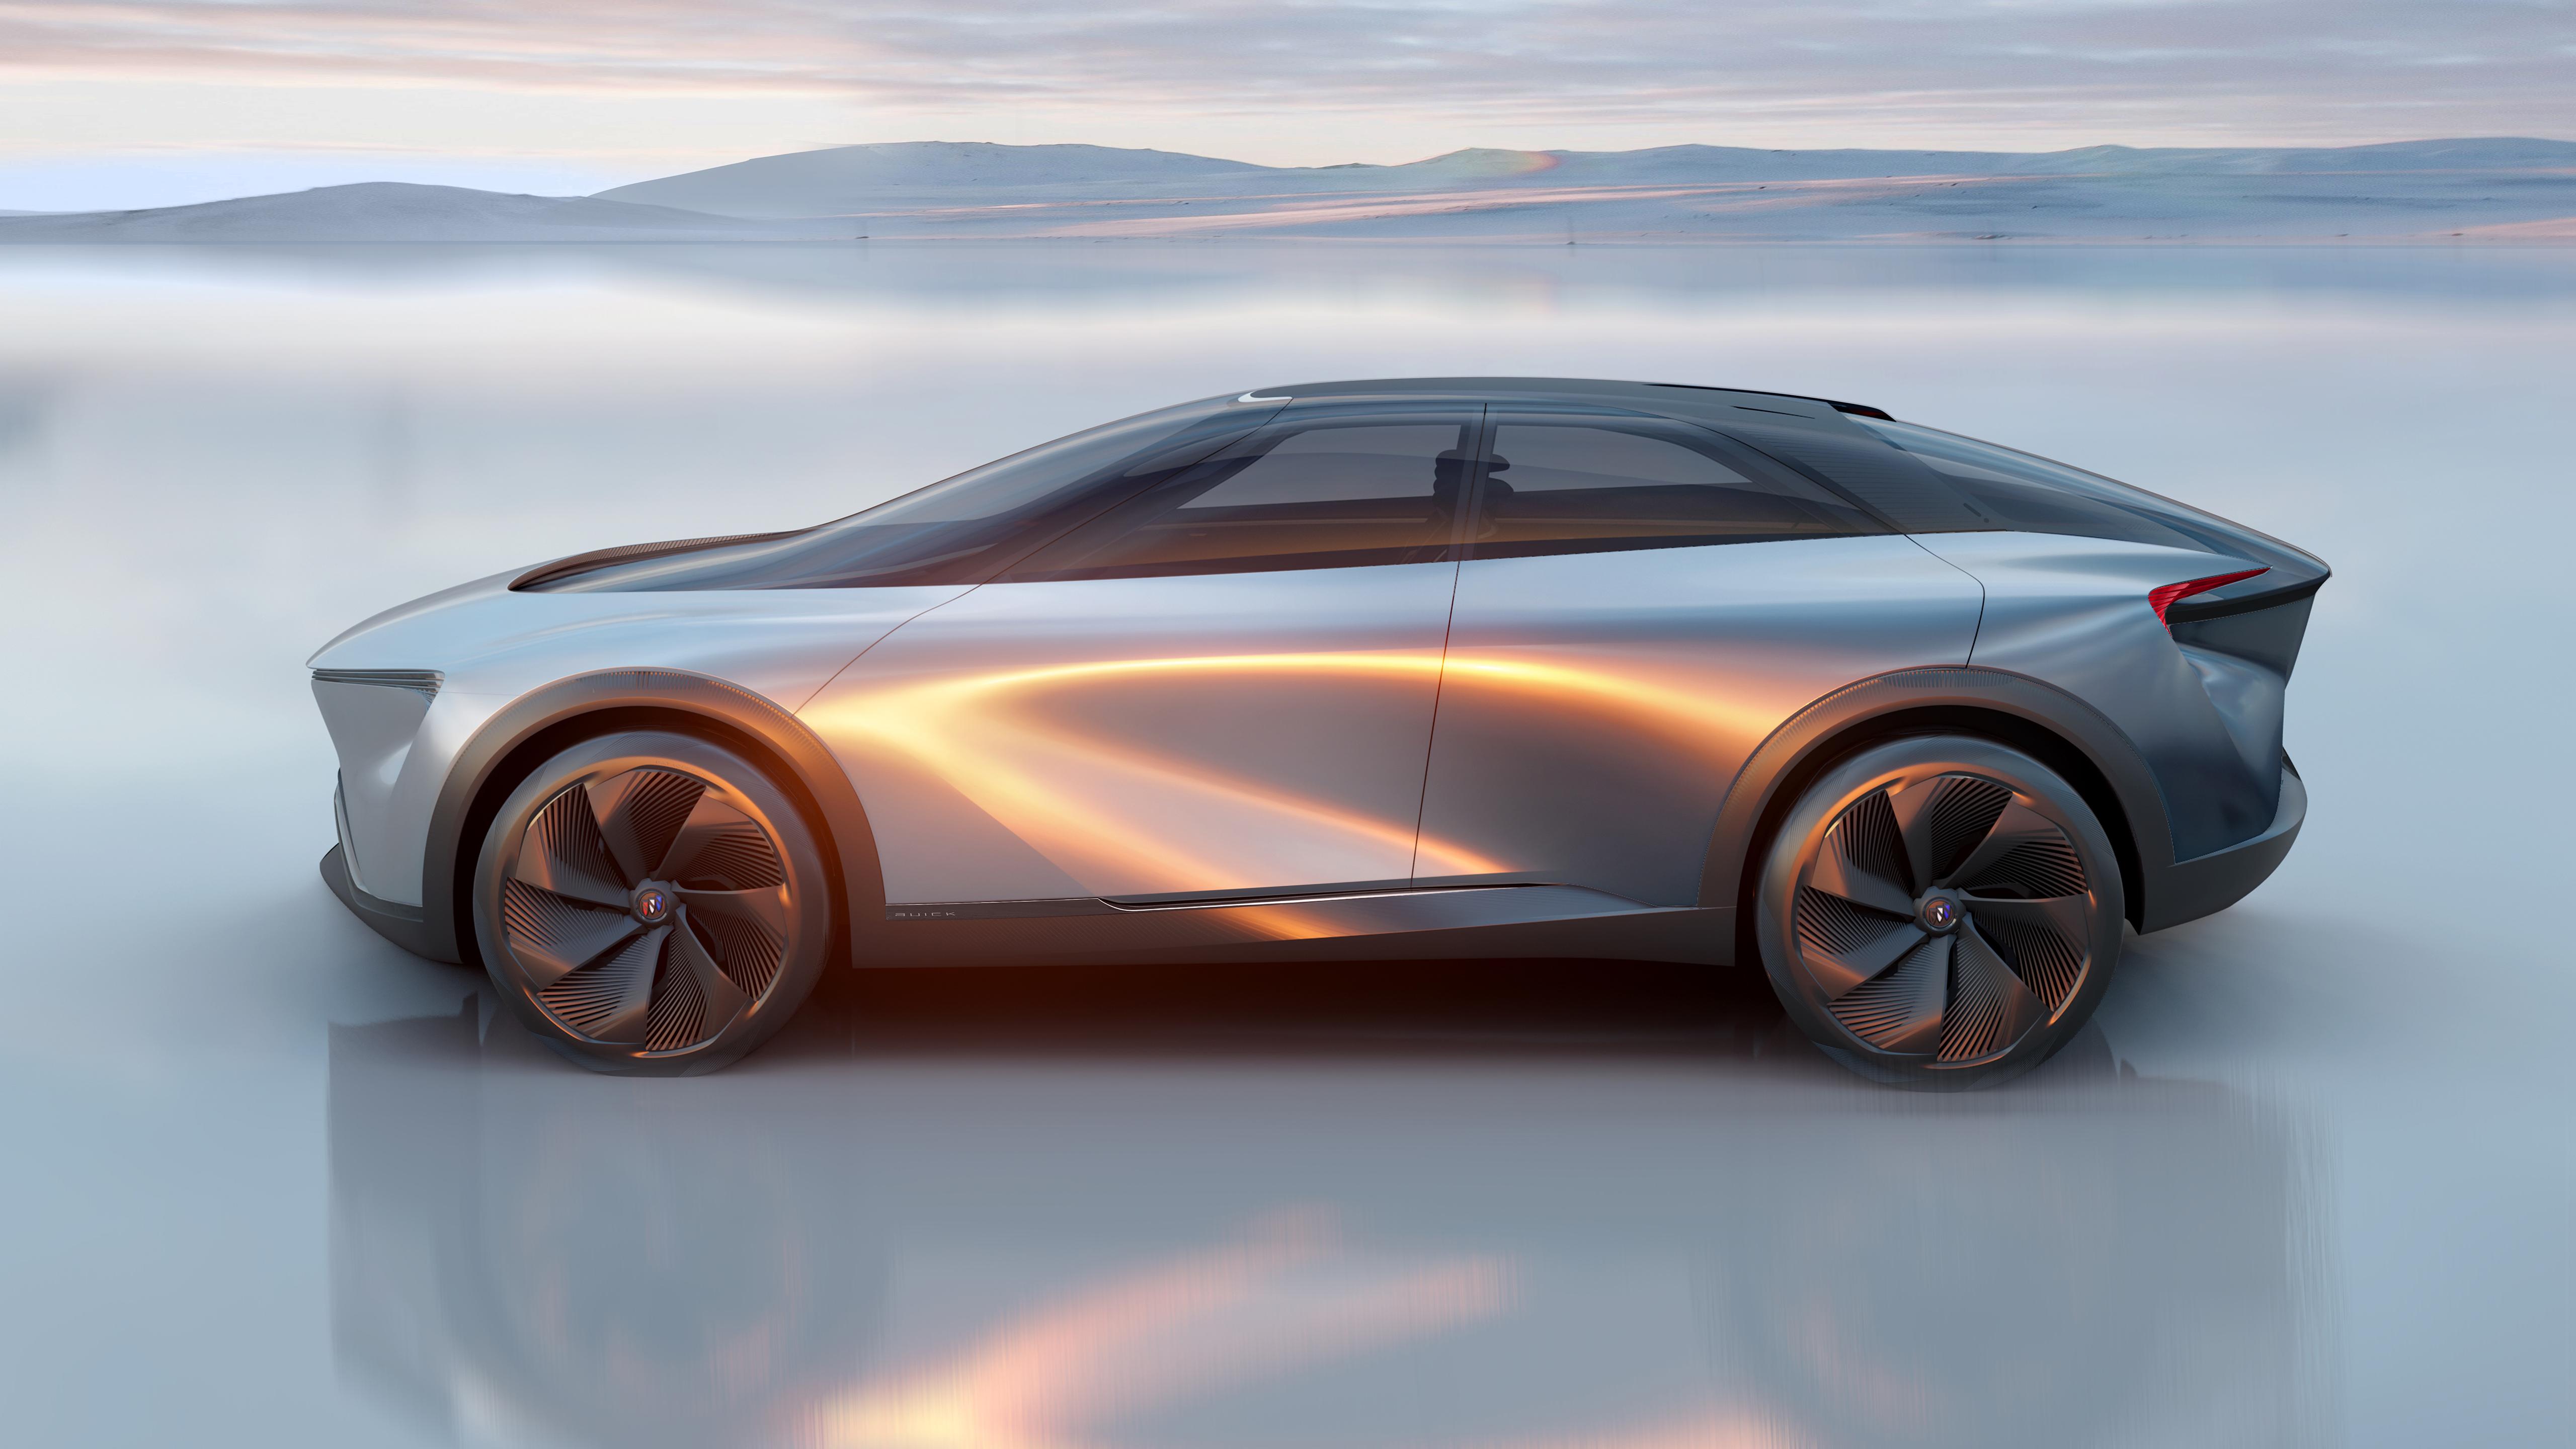 Buick Electra Concept 2020 4K Wallpaper   HD Car ...